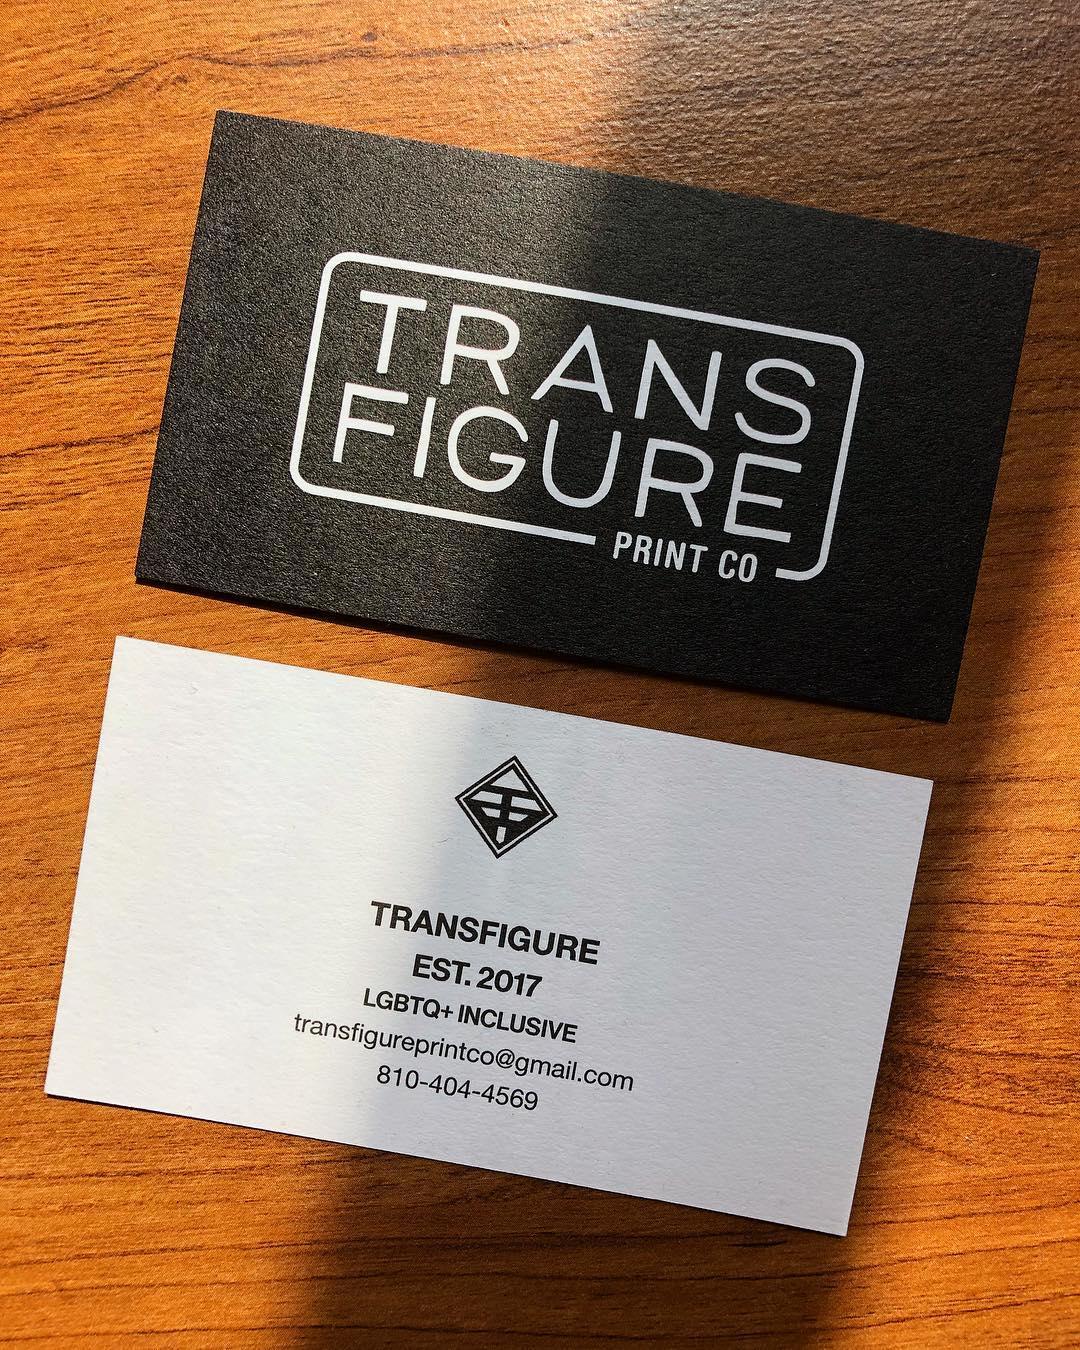 transfigure.jpg